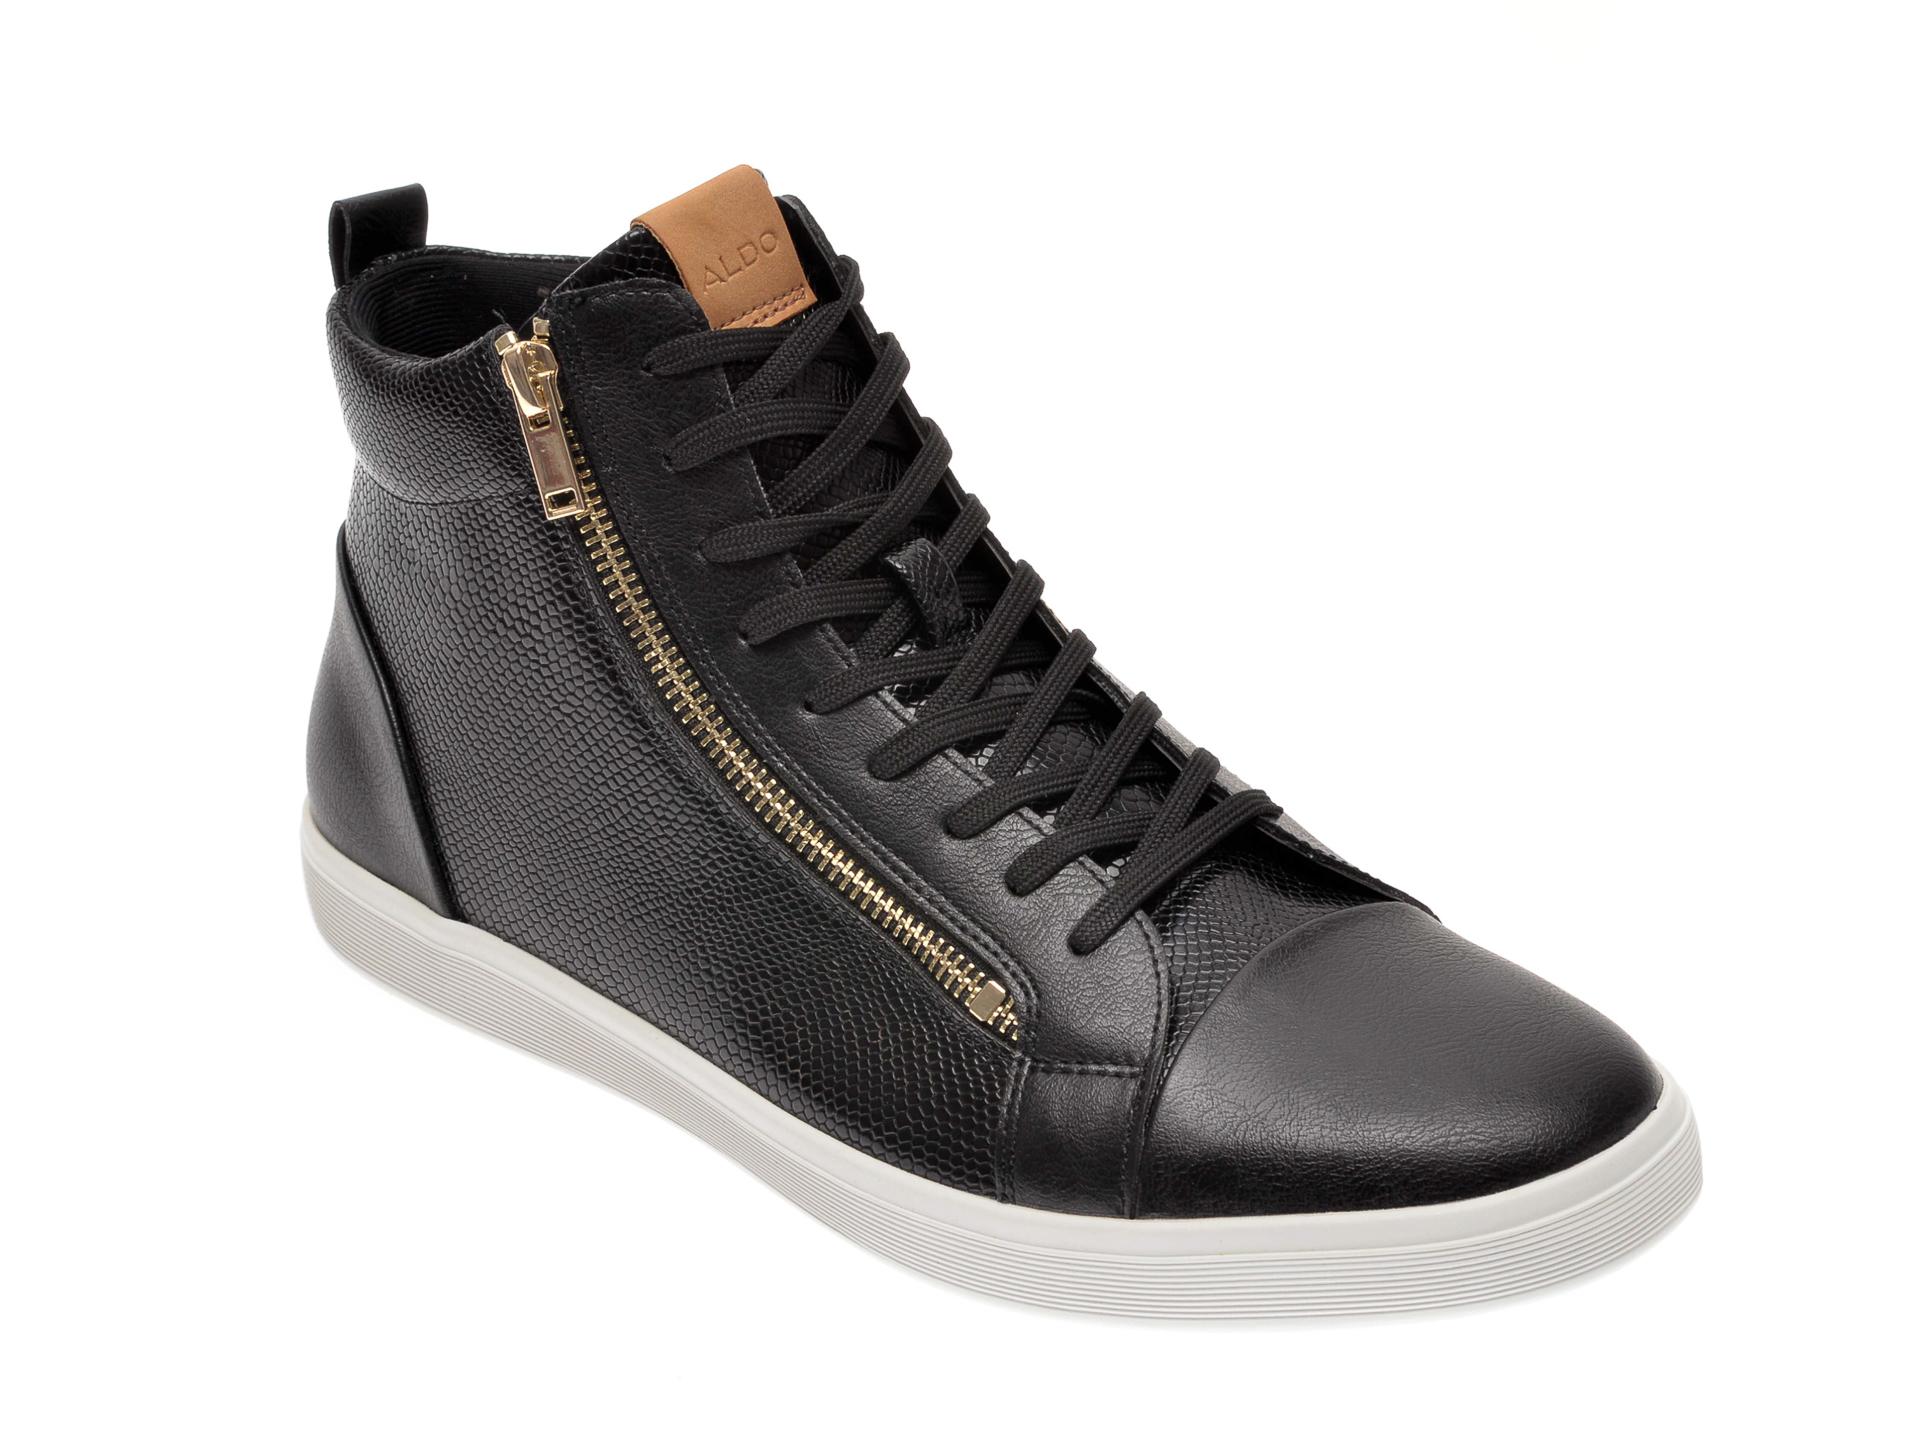 Pantofi ALDO negri, Kelston001, din piele ecologica imagine